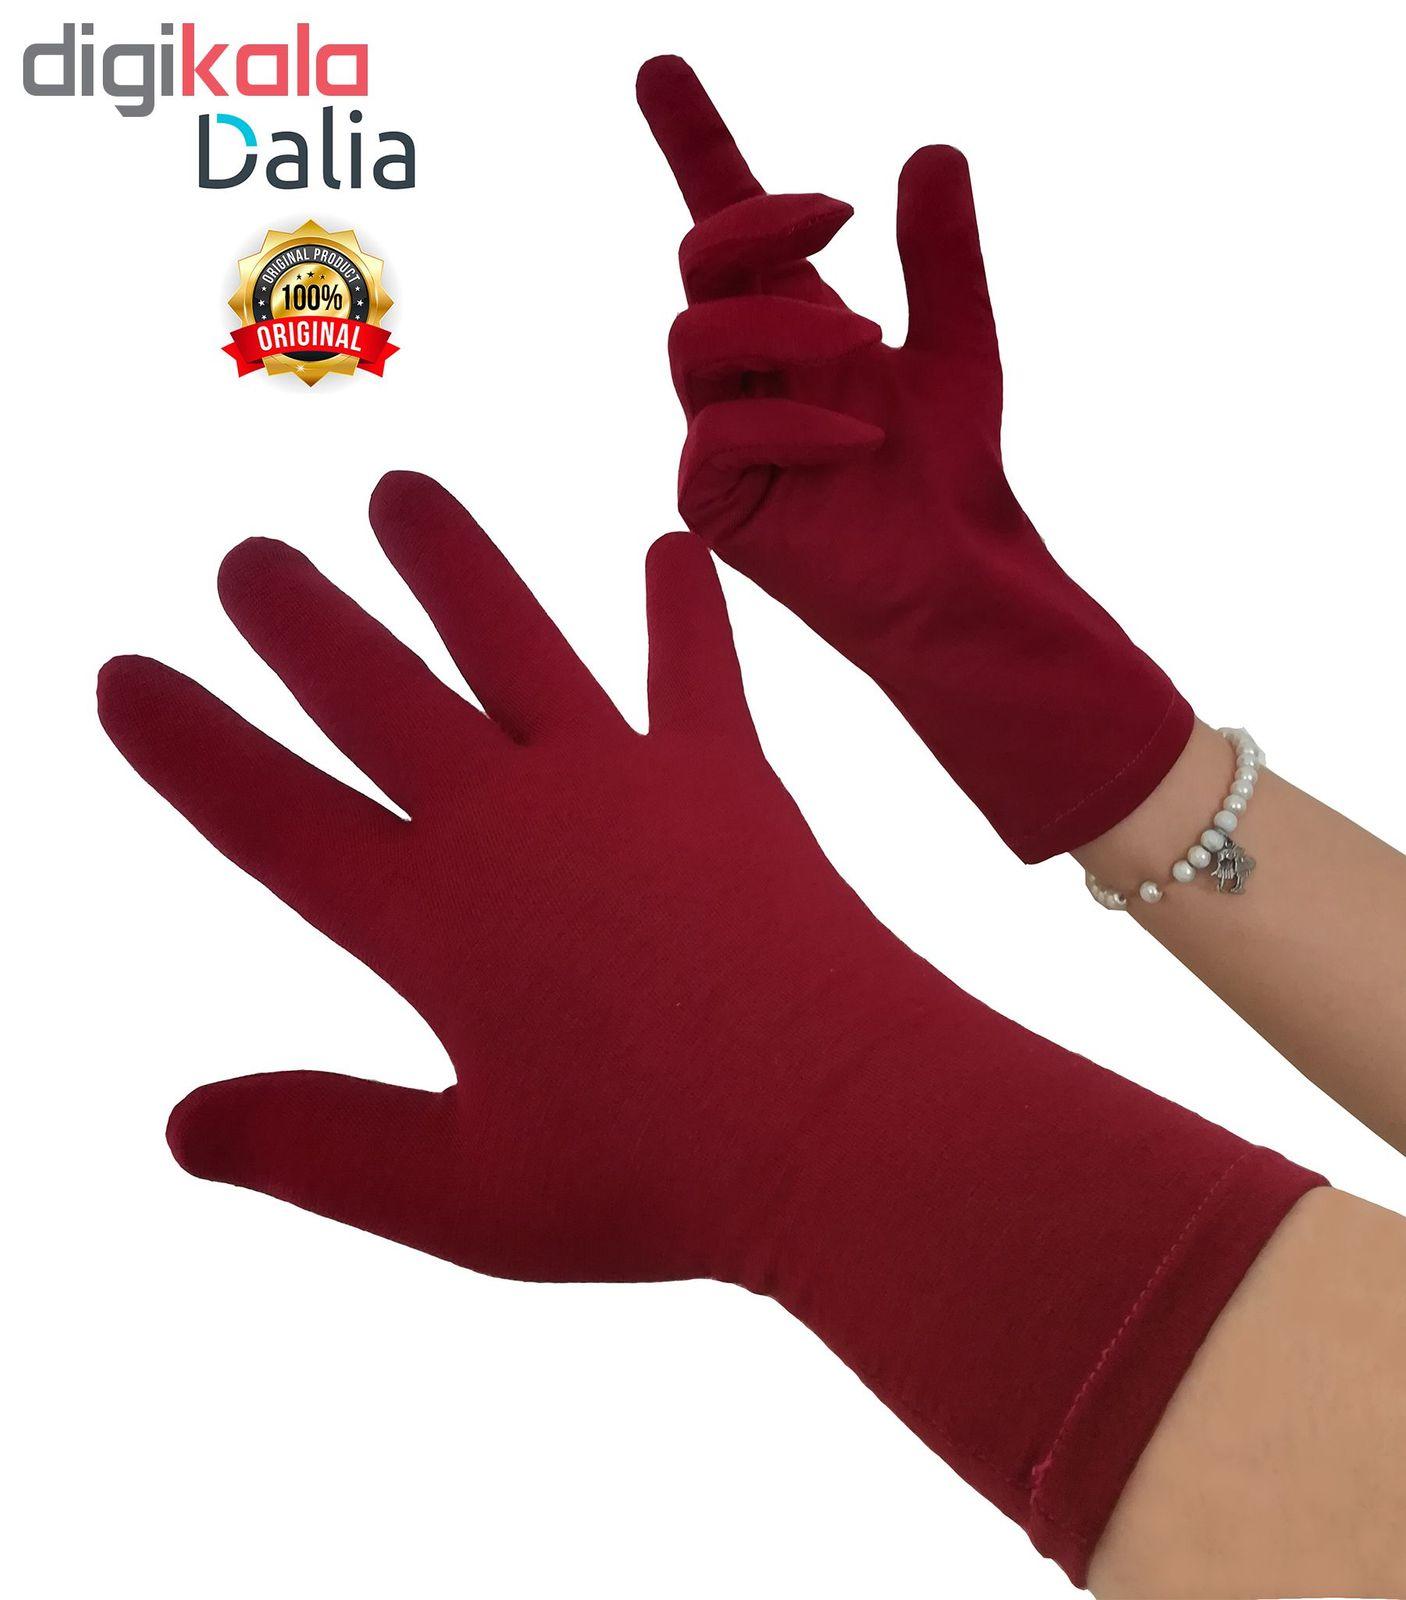 دستکش زنانه دالیا مدل F2 main 1 4